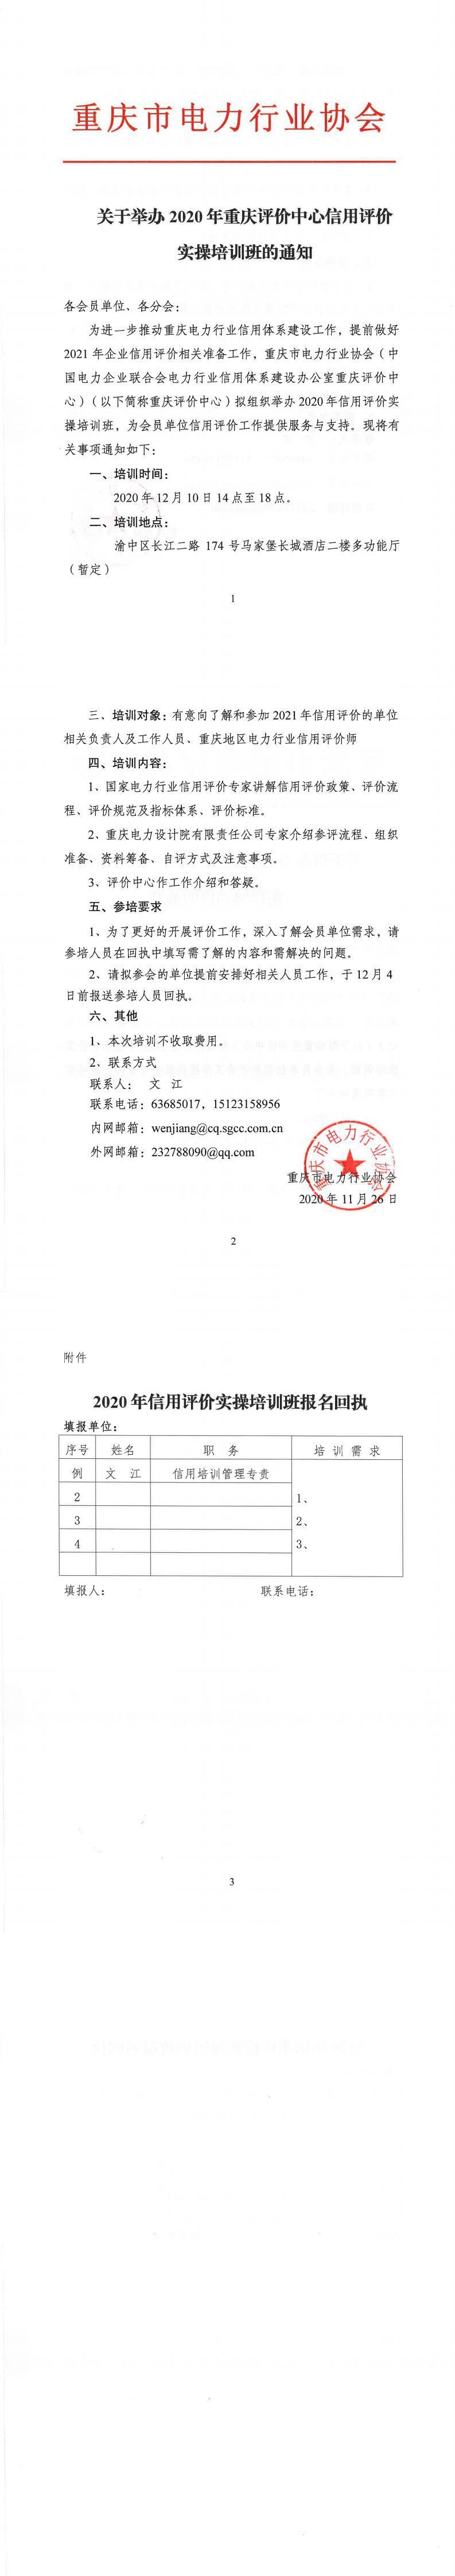 关于举办2020年重庆评价中心信用评价实操培训班的通知_0.jpg